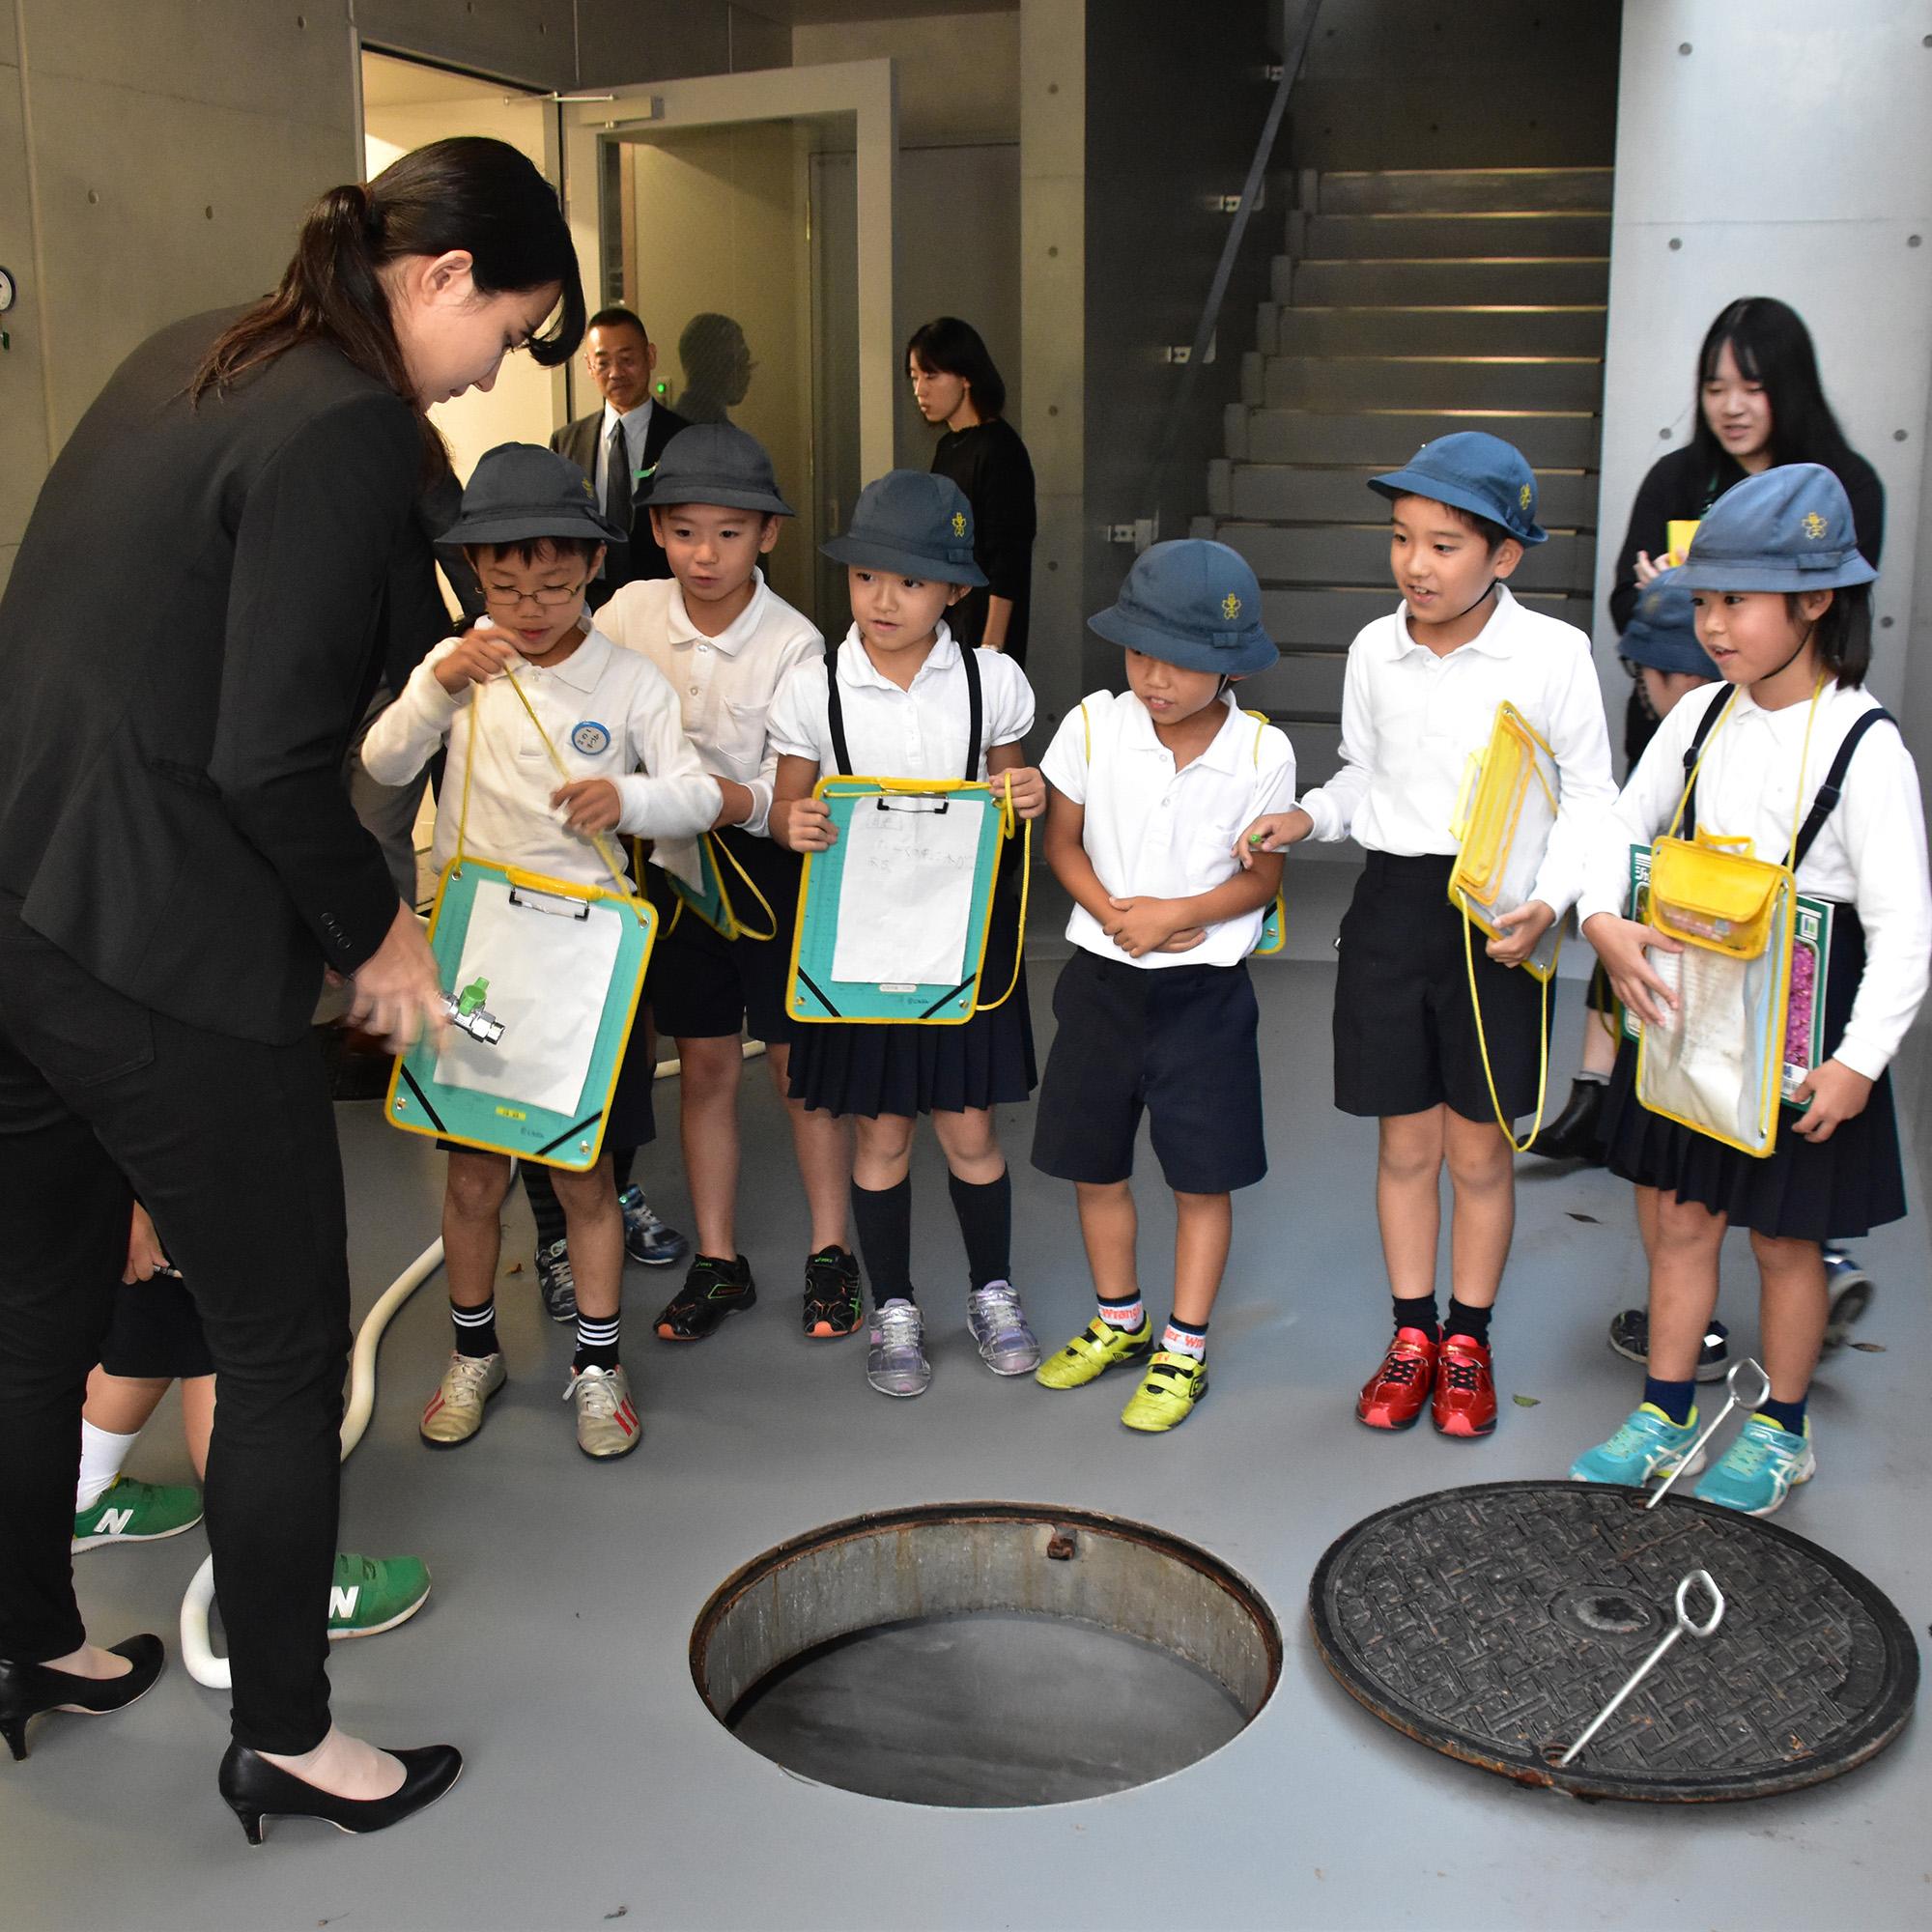 王子第二小学校の児童が中央工学校の見学にやってきました!